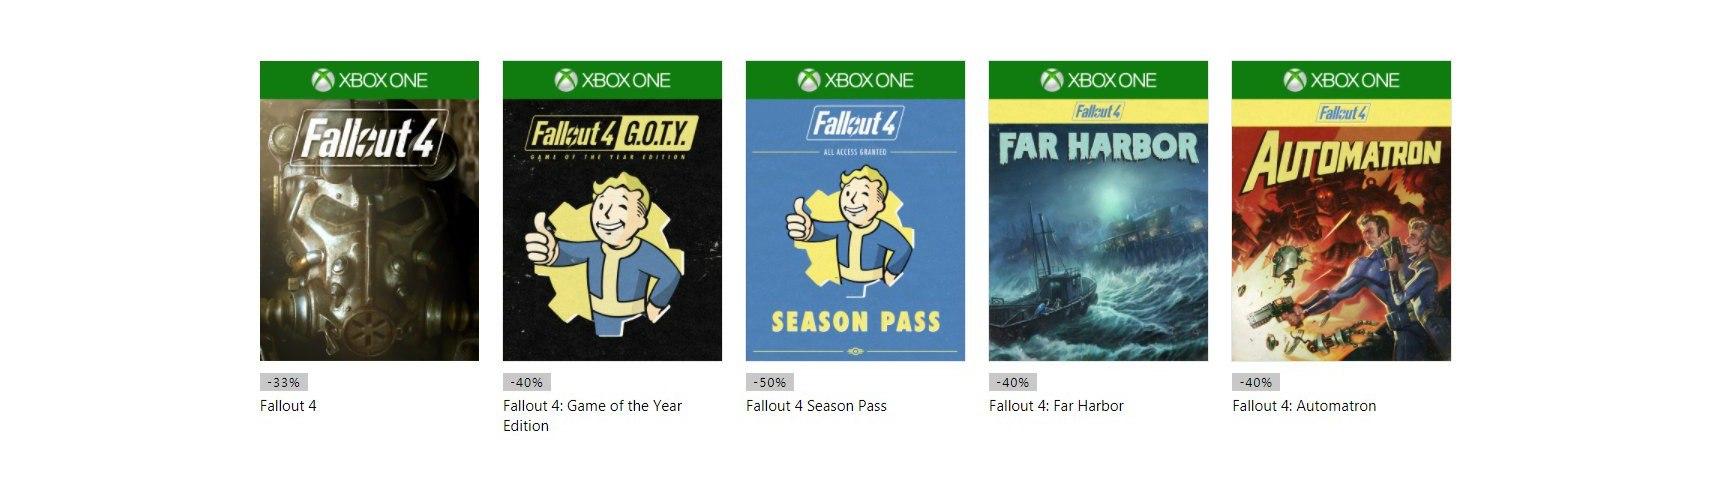 Microsoft объявила бесплатные выходные Fallout 4 на Xbox One